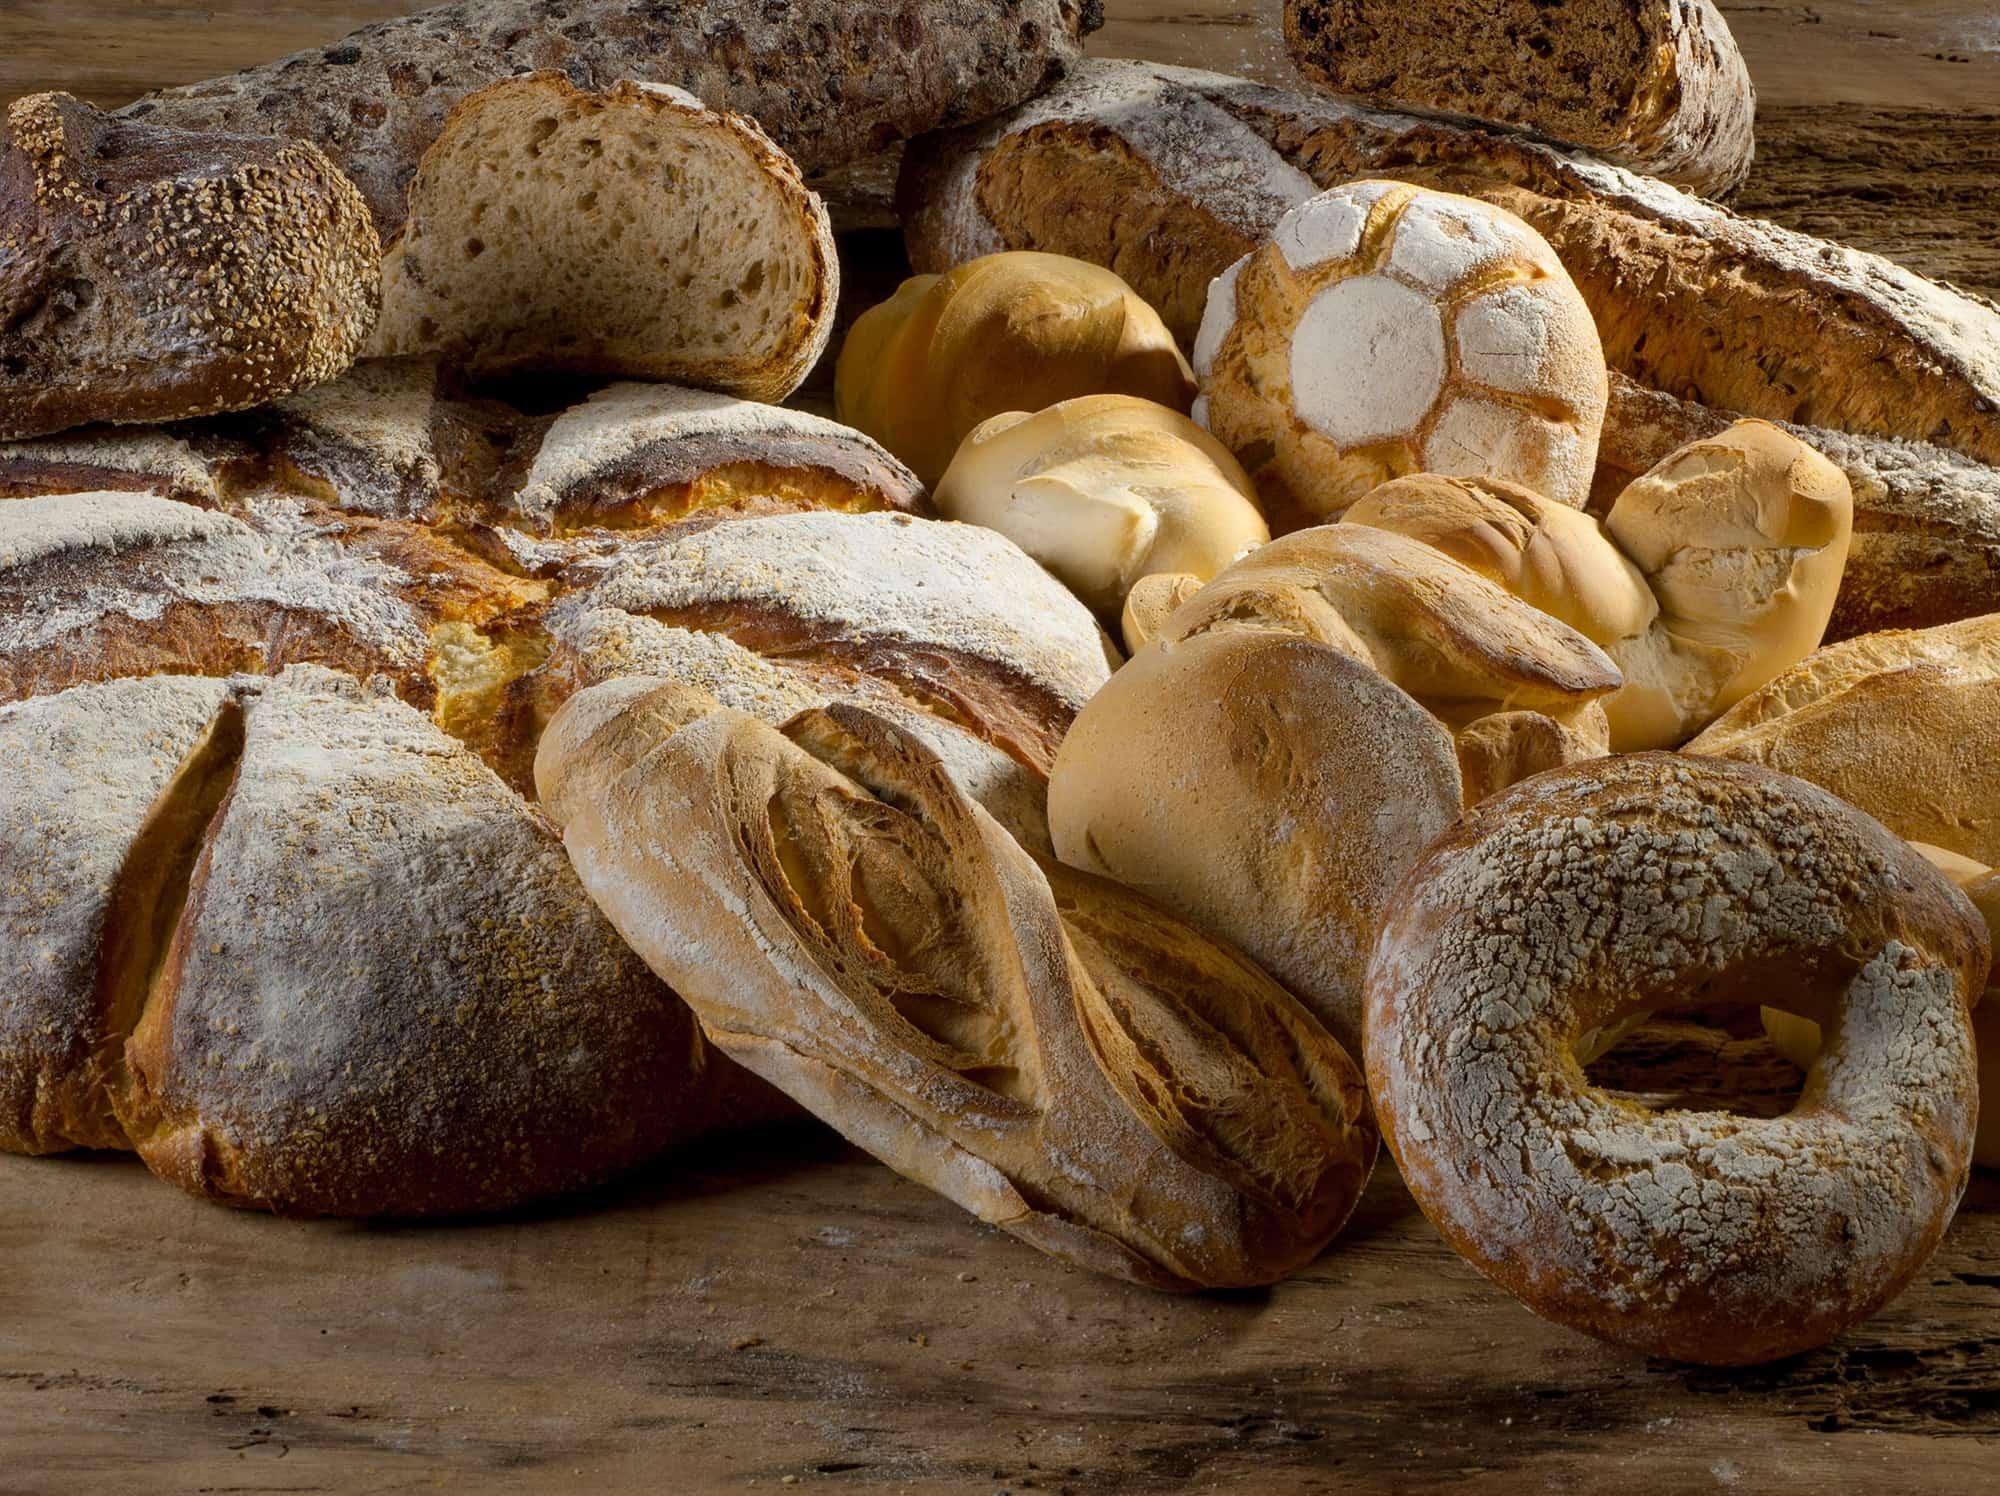 sacchetto pane forno artigiano moretti